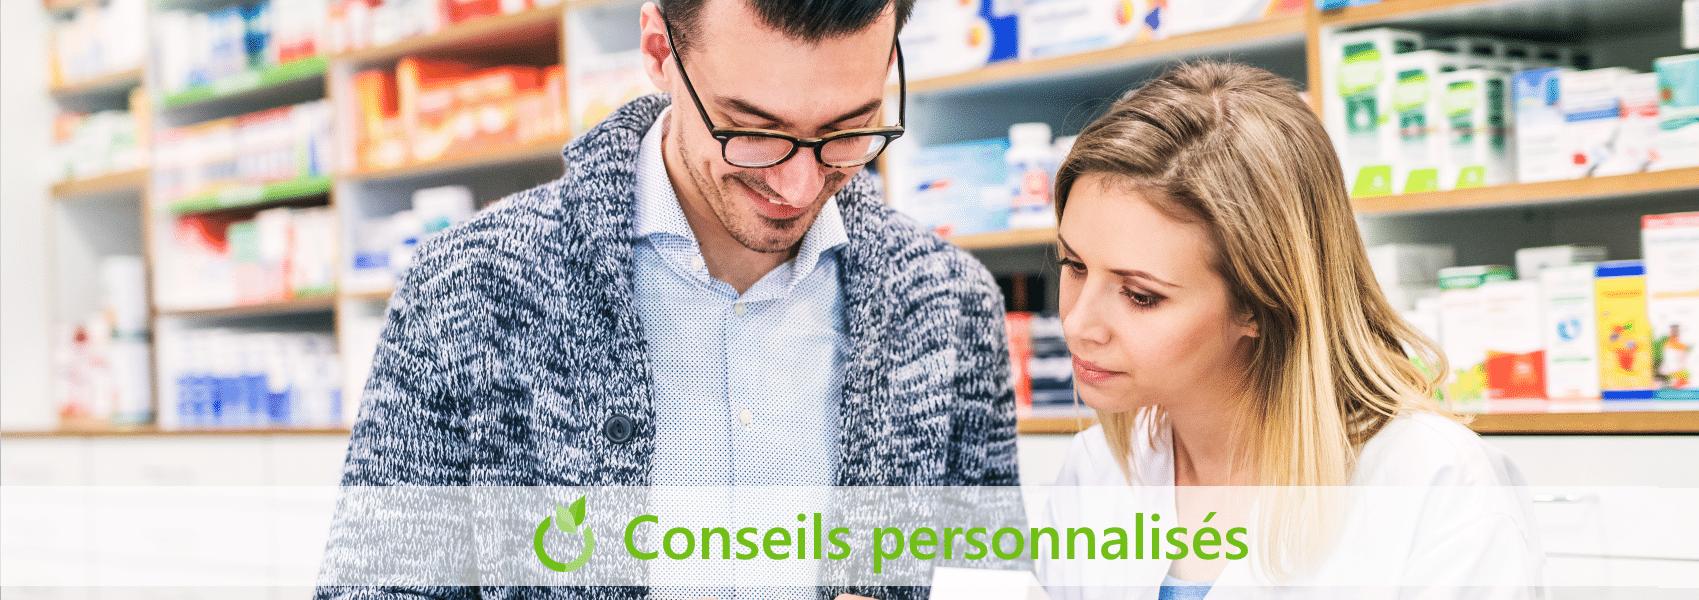 conseils personnalisés en pharmacie à Canteleu portail